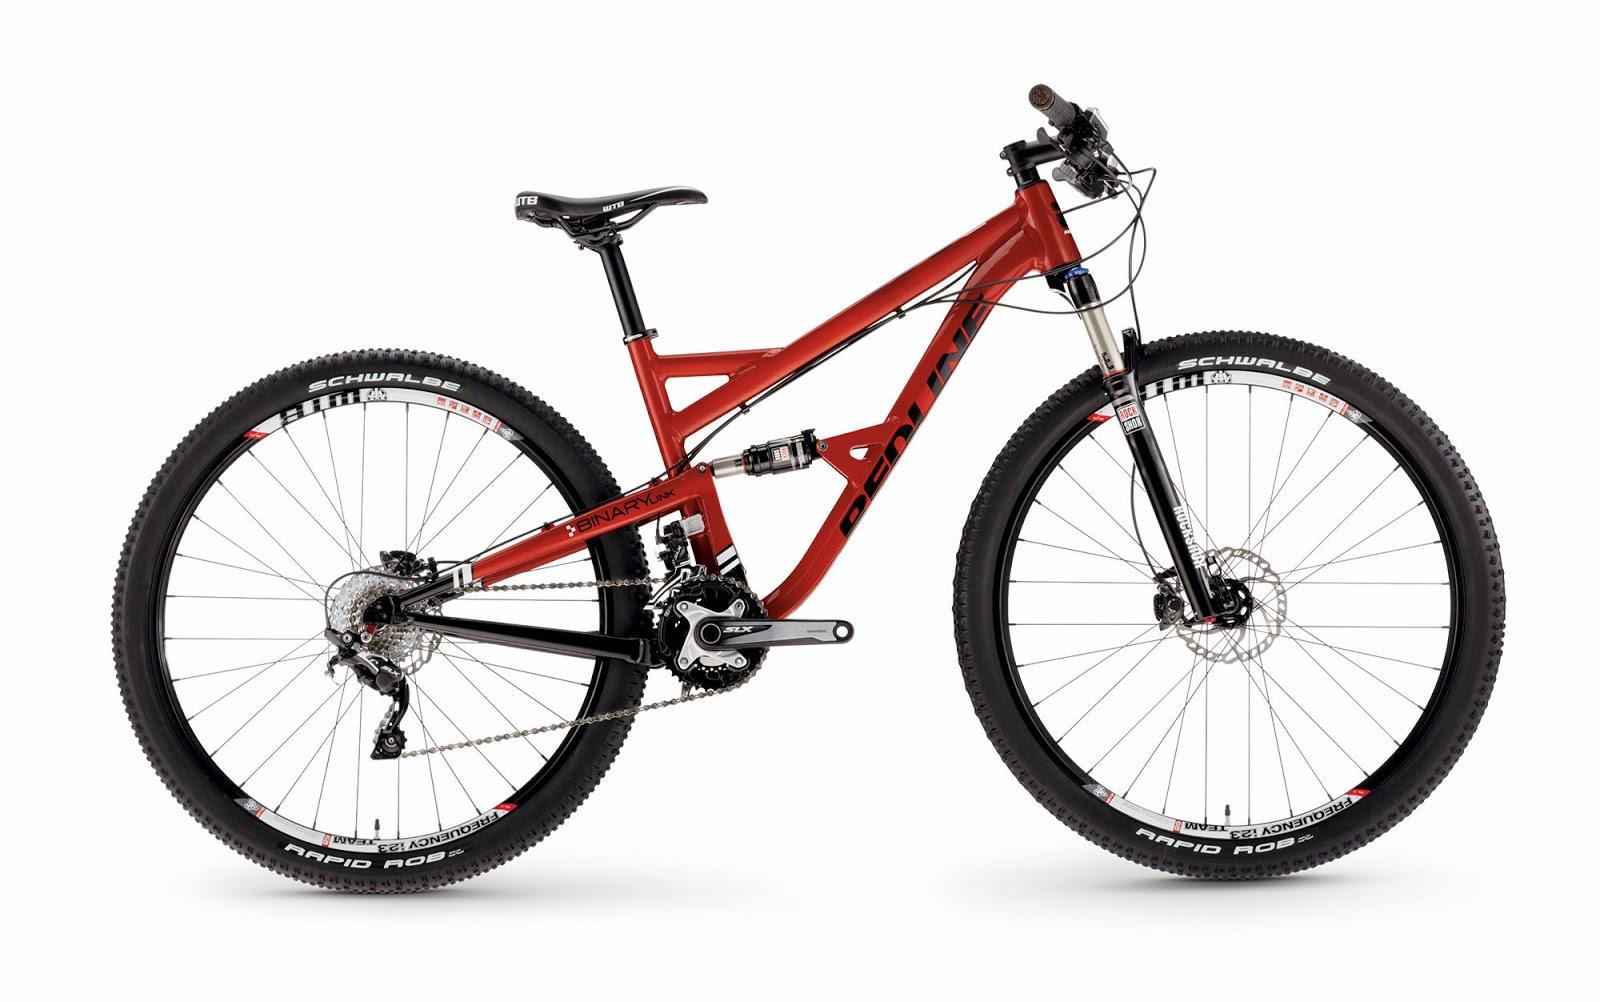 2014 Redline D860 29er Bike